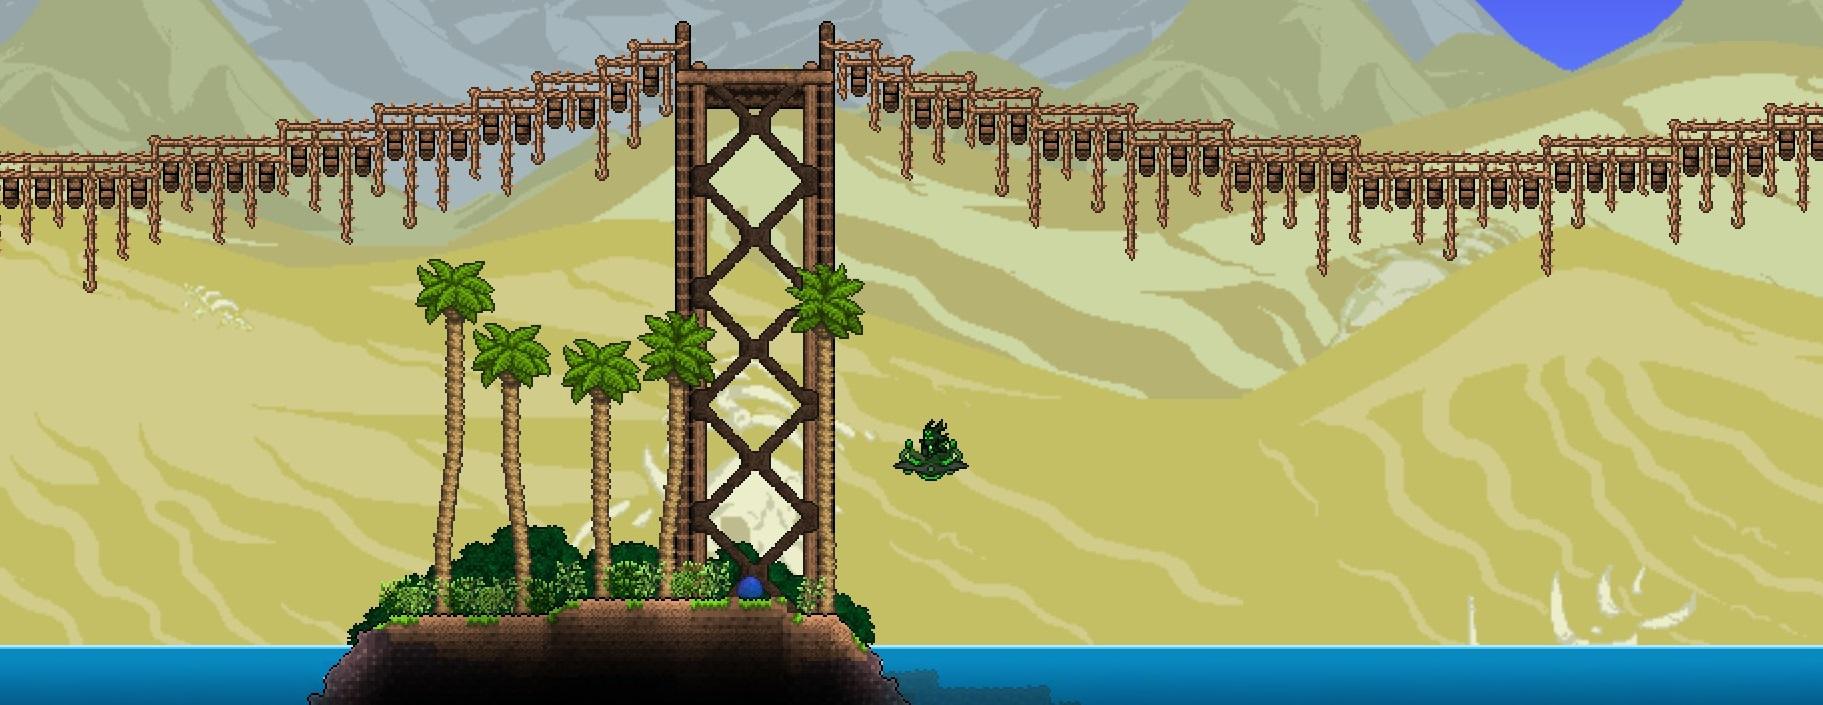 Desert Outpost 5.jpg